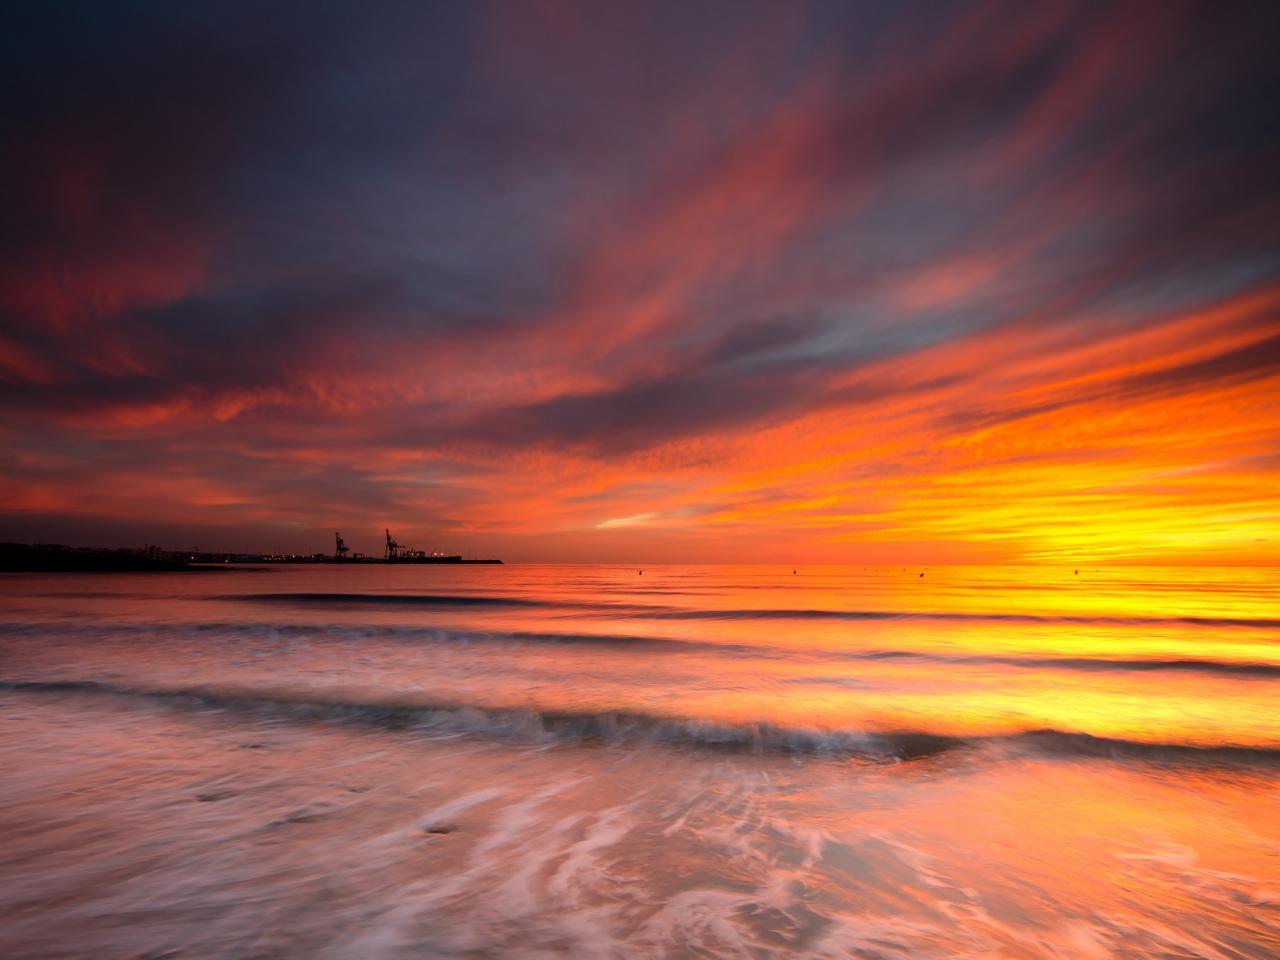 Cielo naranja en el mar - 1280x960